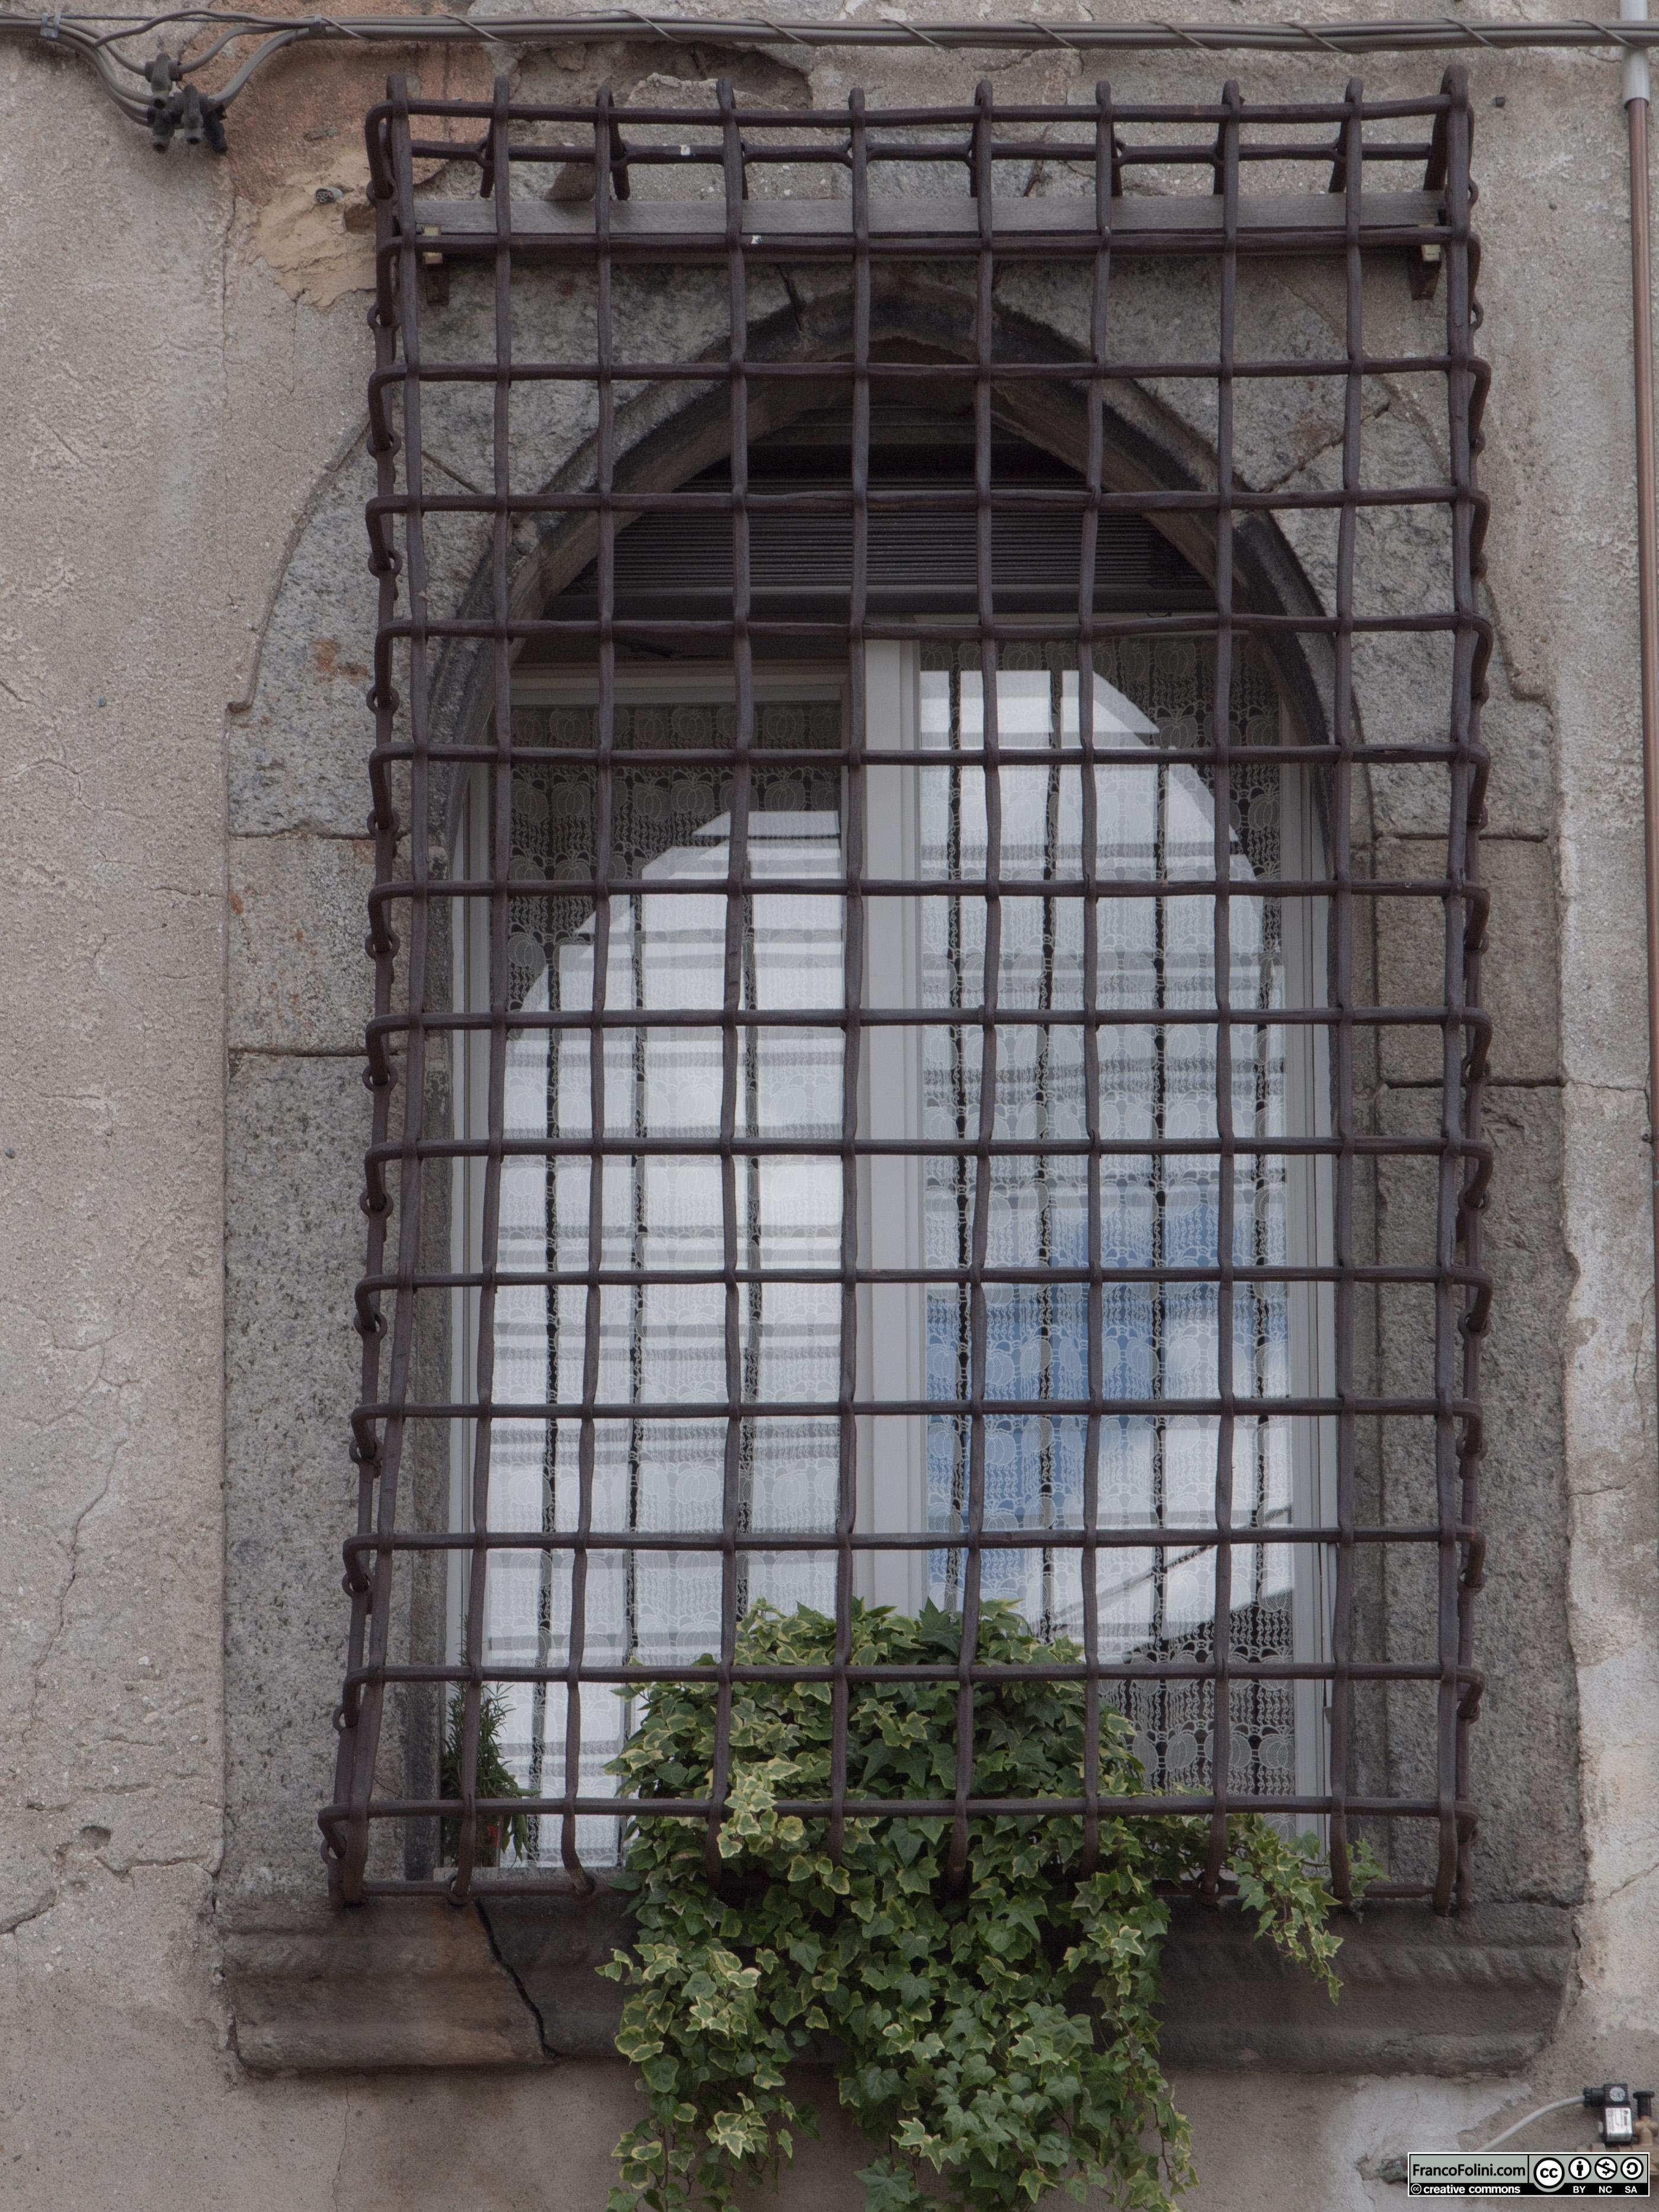 Angoli nascosti di Chiuro: finestra rinascimentale con l'originale grata in ferro battuto